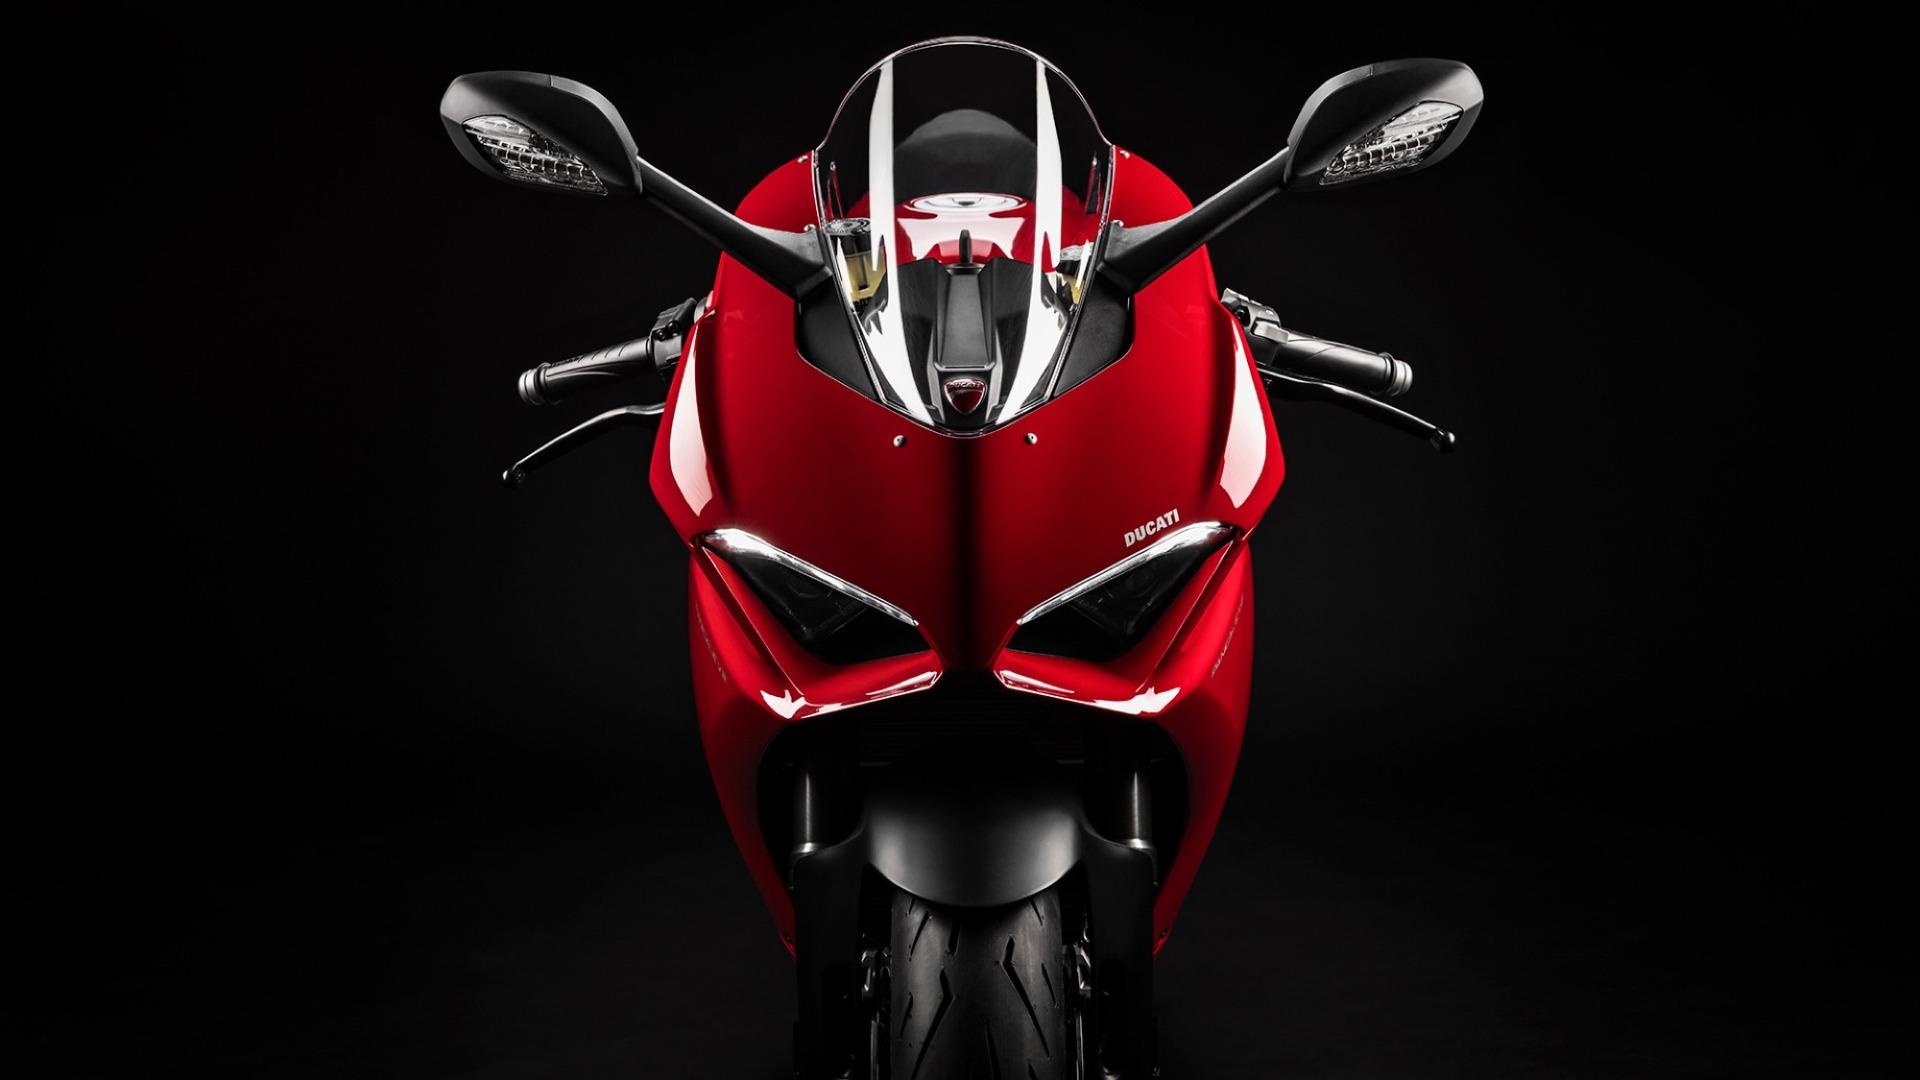 Ducati Panigale V2 2020, fotos de la Panigale de dos cilindros